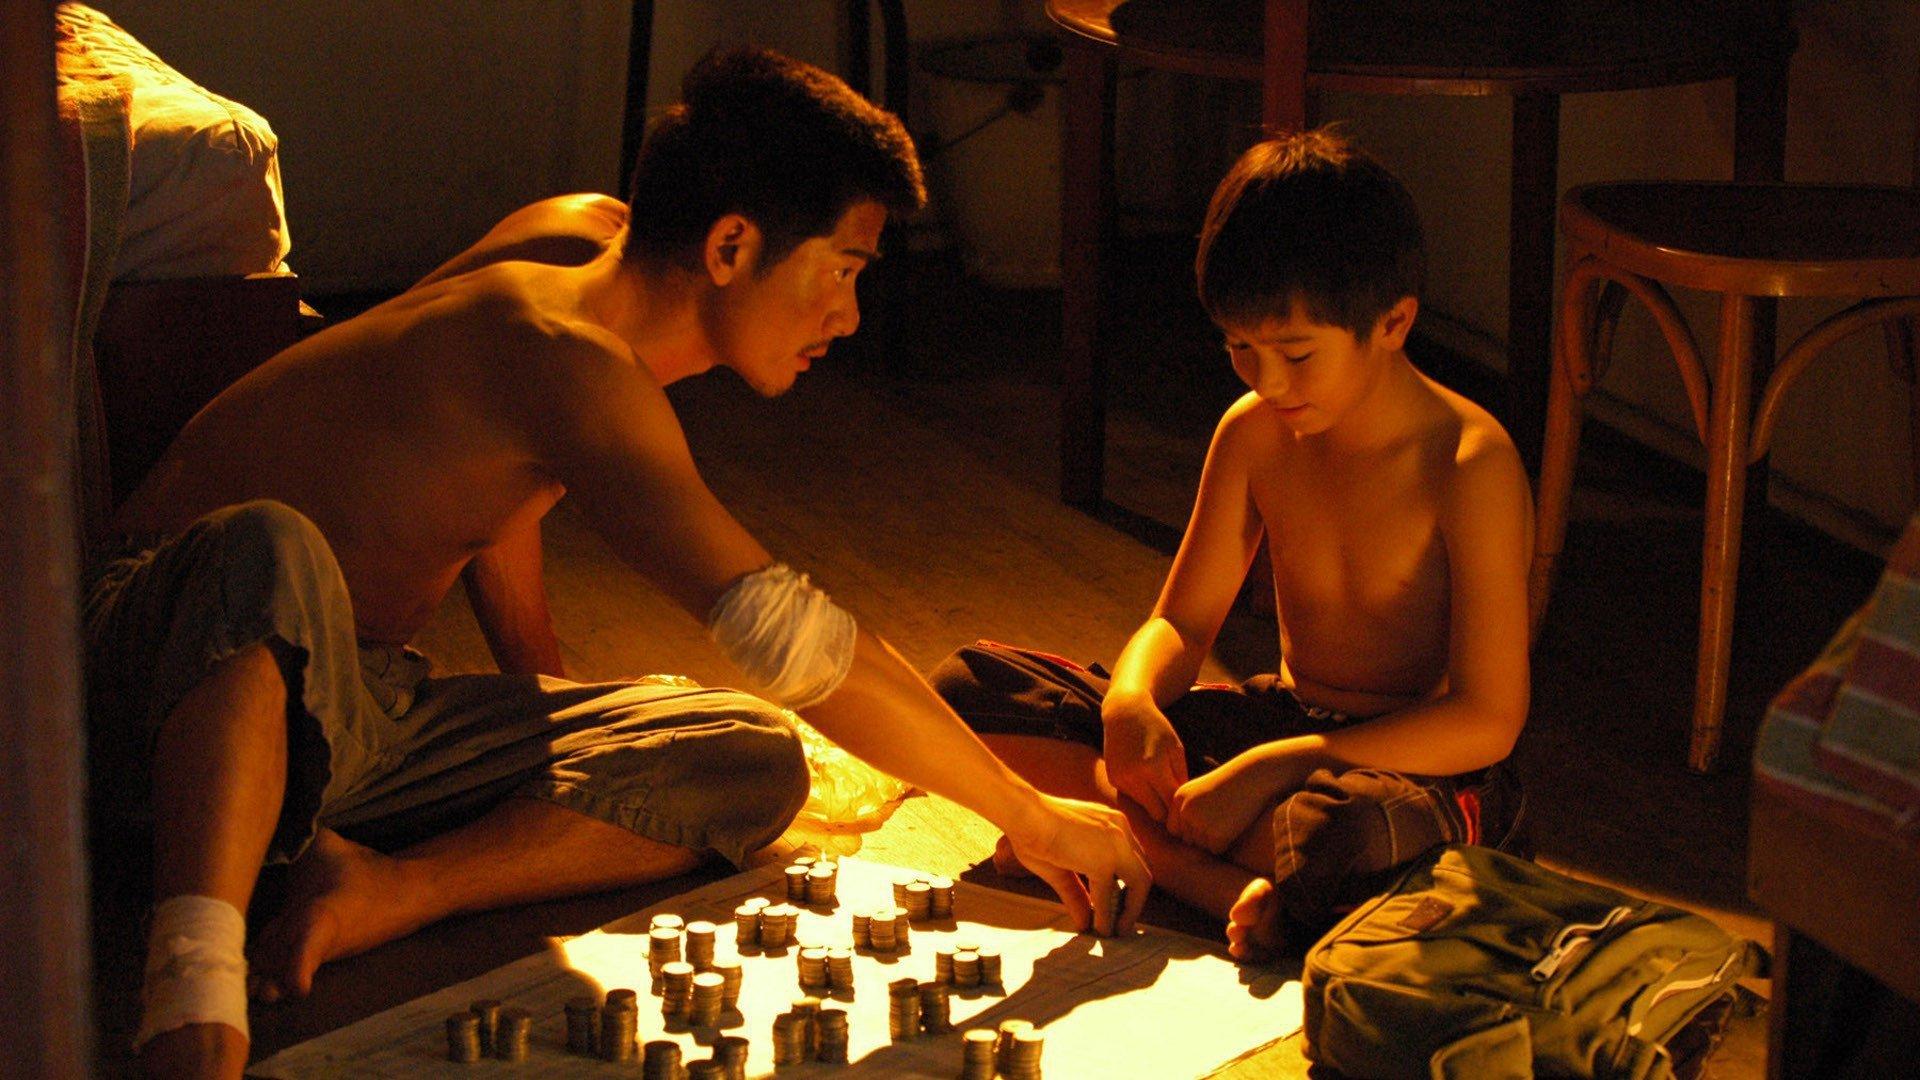 《父子》郭富城、林熙蕾、杨采妮